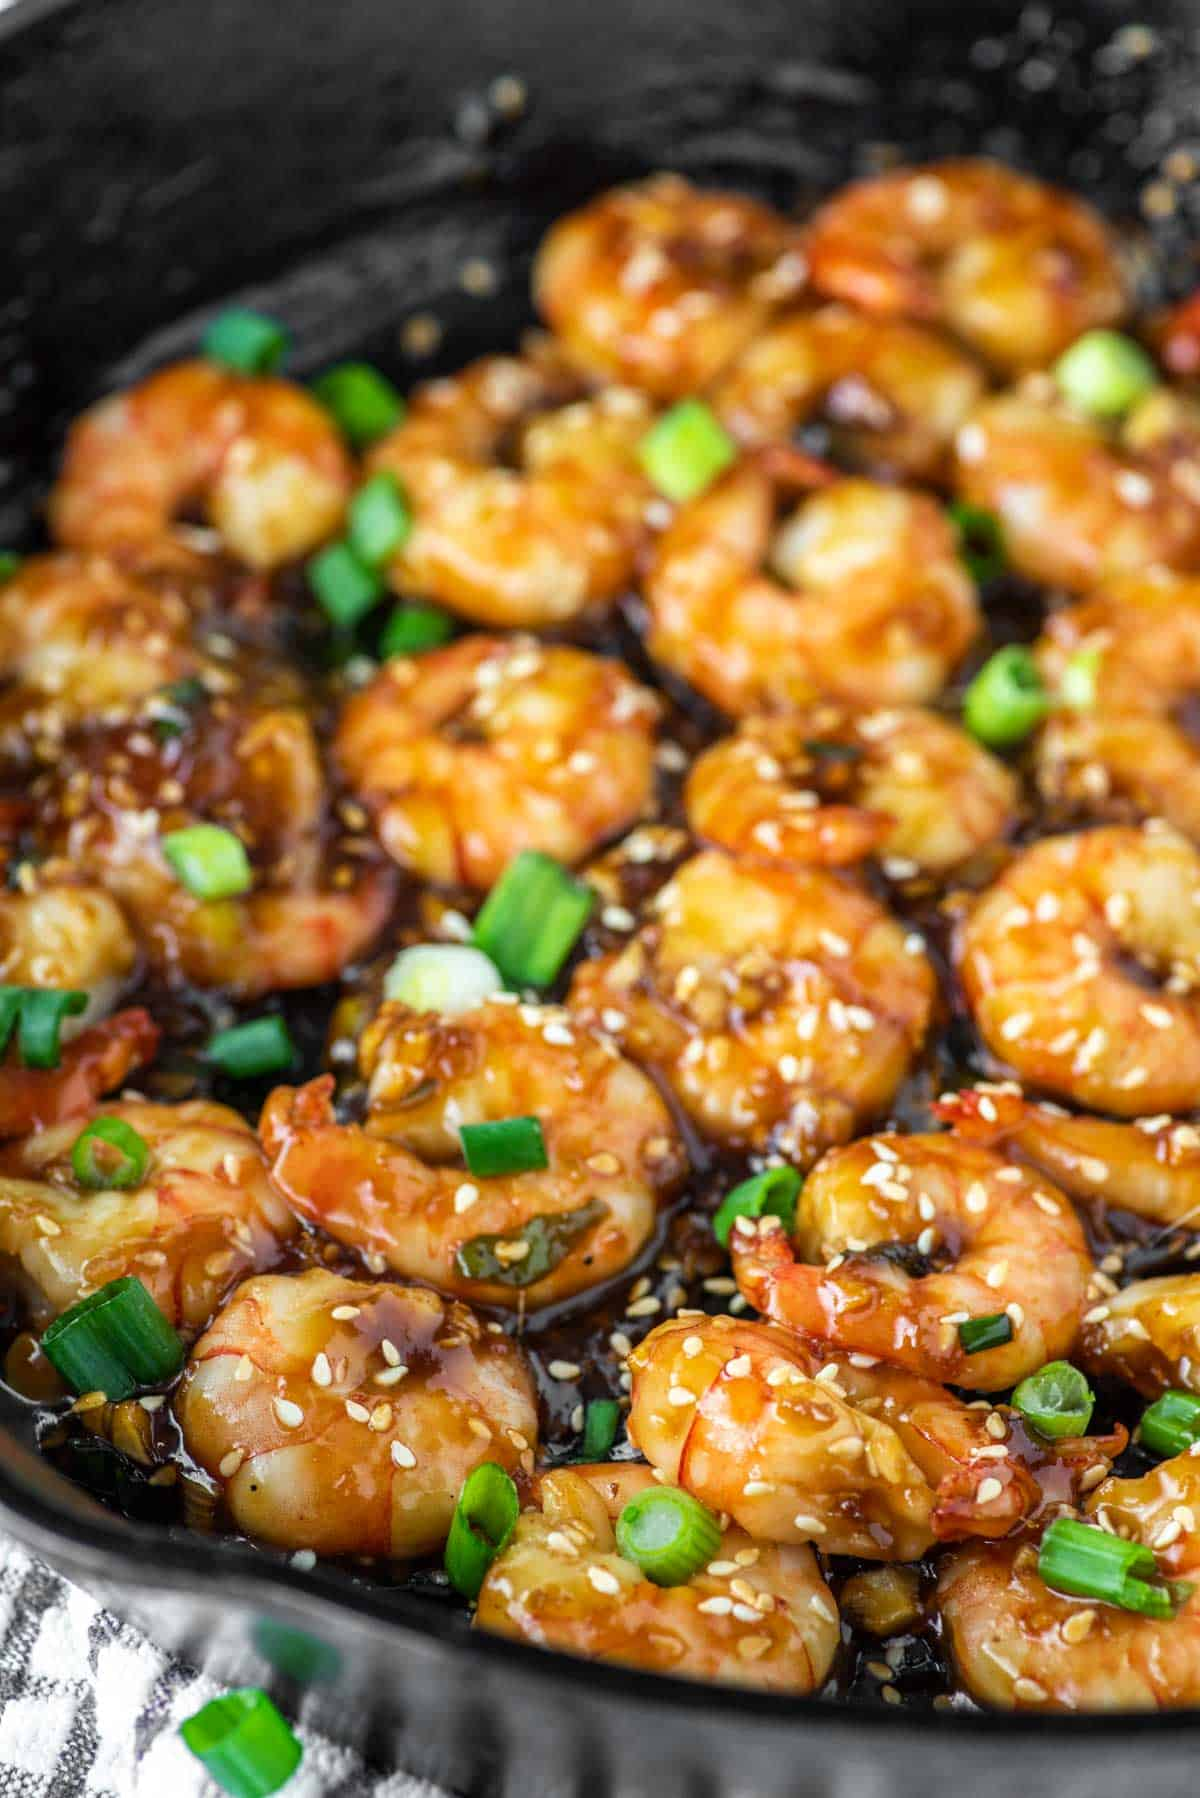 teriyaki shrimp in skillet